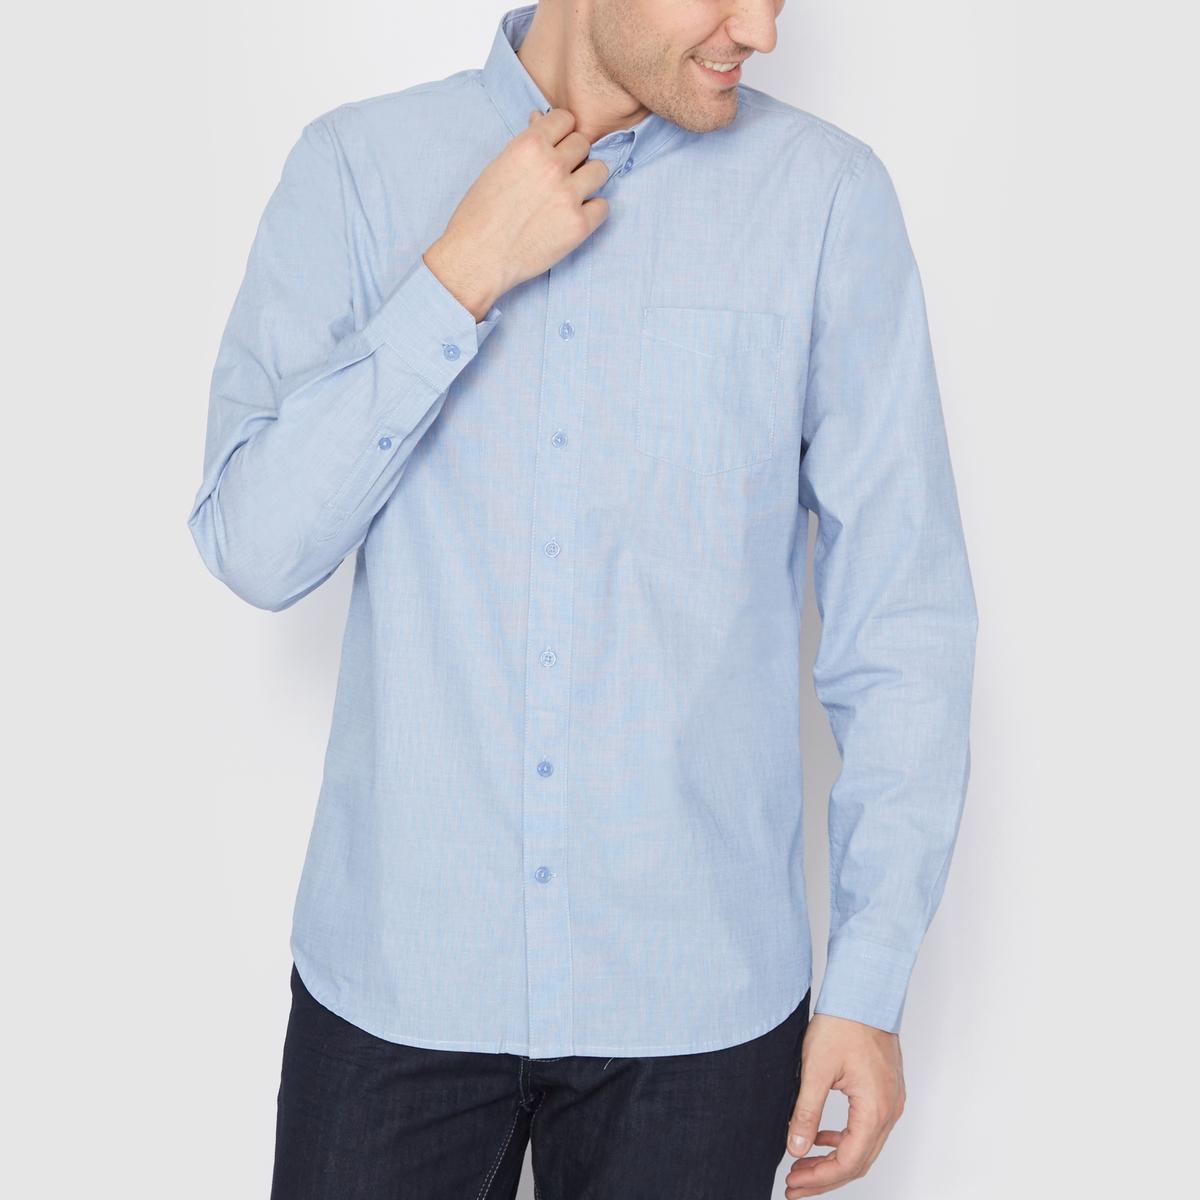 Рубашка прямого покроя с длинными рукавами на пуговицахРубашка с длинными рукавами. Прямой покрой, уголки воротника на пуговицах. Нагрудный карман. Закругленный низ. Длина 77,5 см. Рубашка из 100% хлопка<br><br>Цвет: голубой бирюзовый,голубой,темно-синий<br>Размер: 37/38